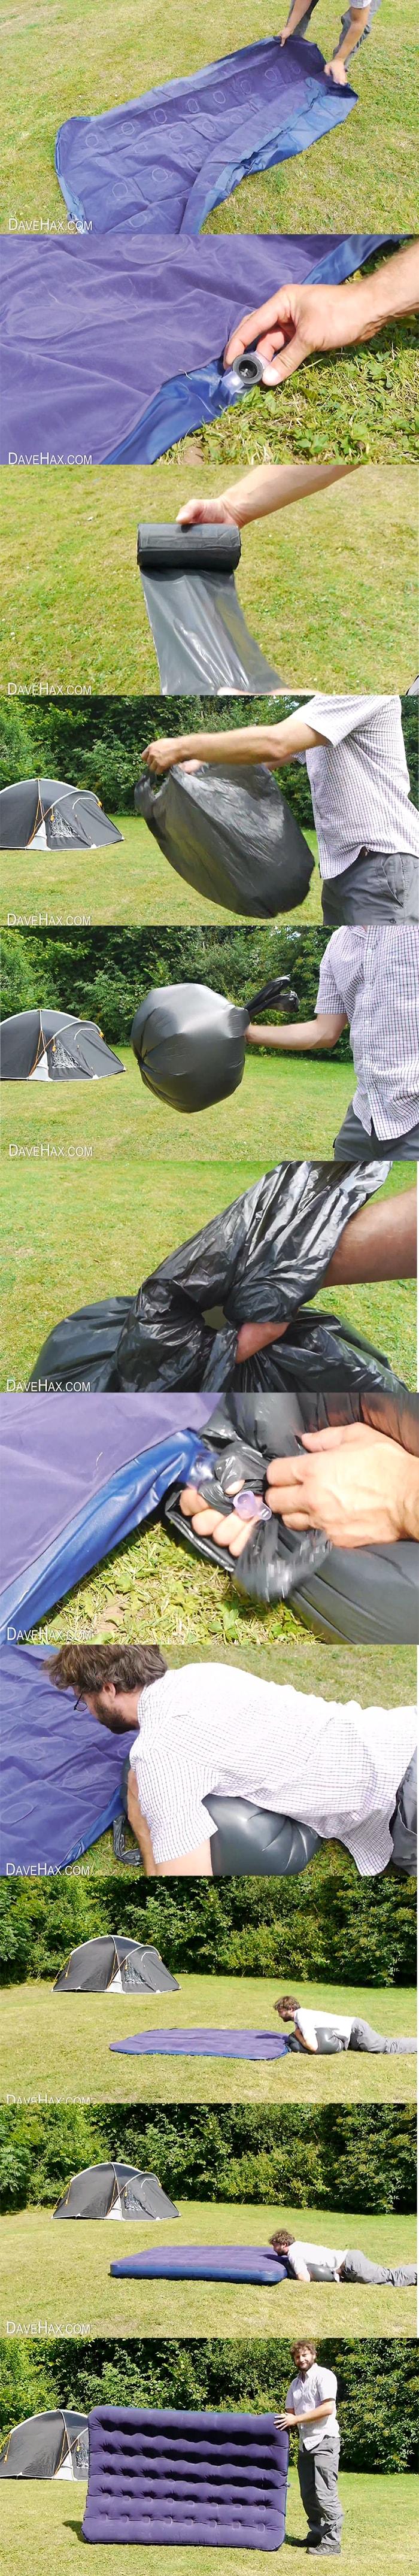 como encher um colchao inflavel com saco de lixo